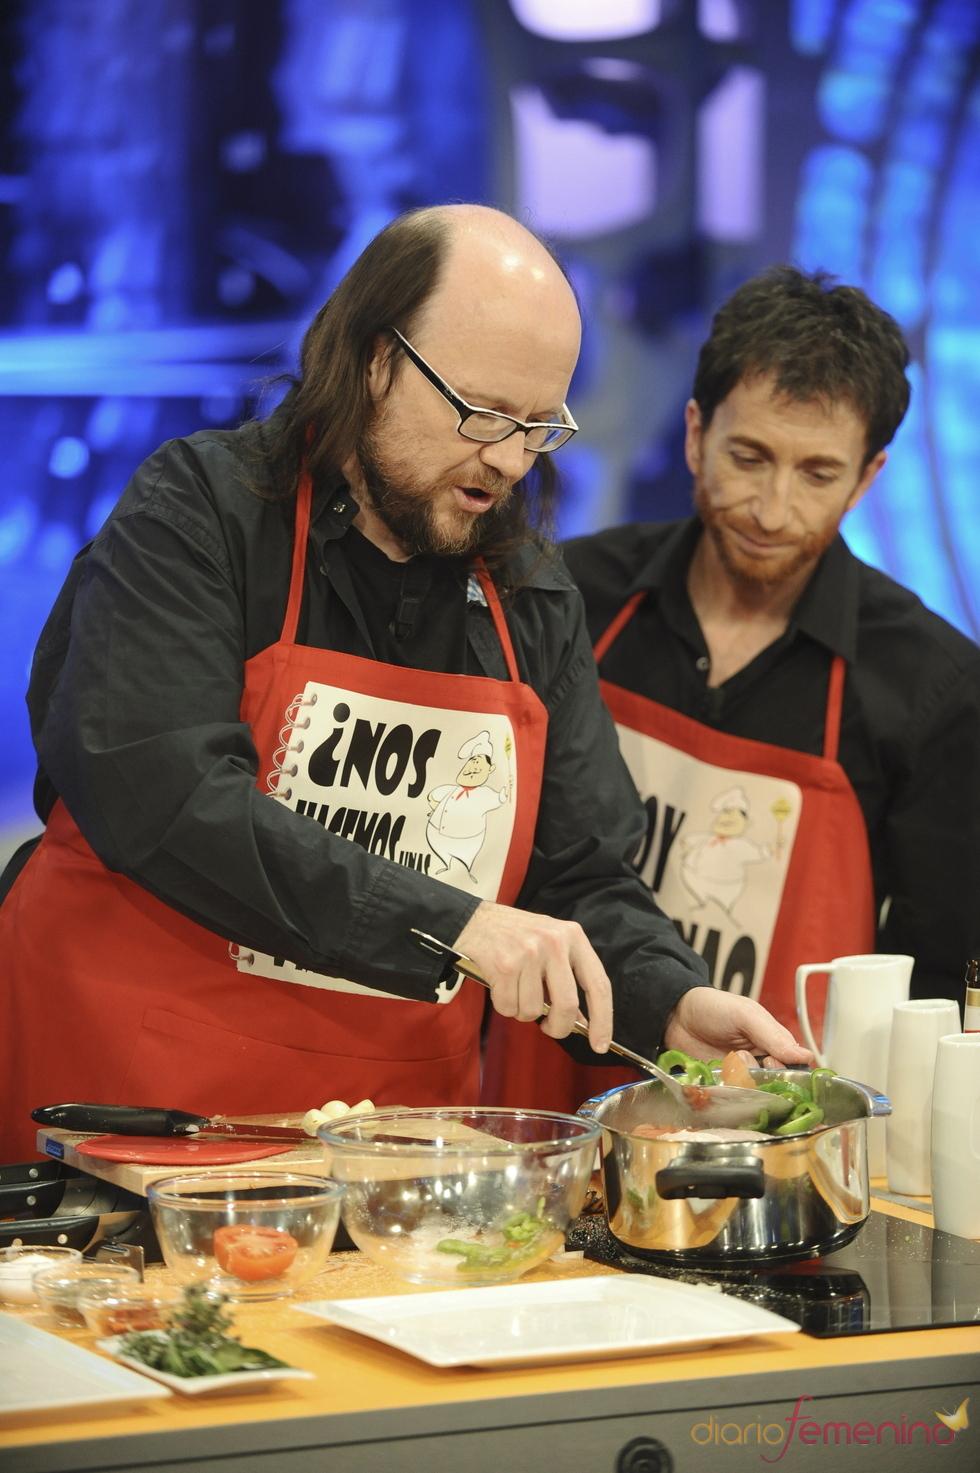 Santiago Segura cocina 'Pollo a la Pantoja' en 'El hormiguero'